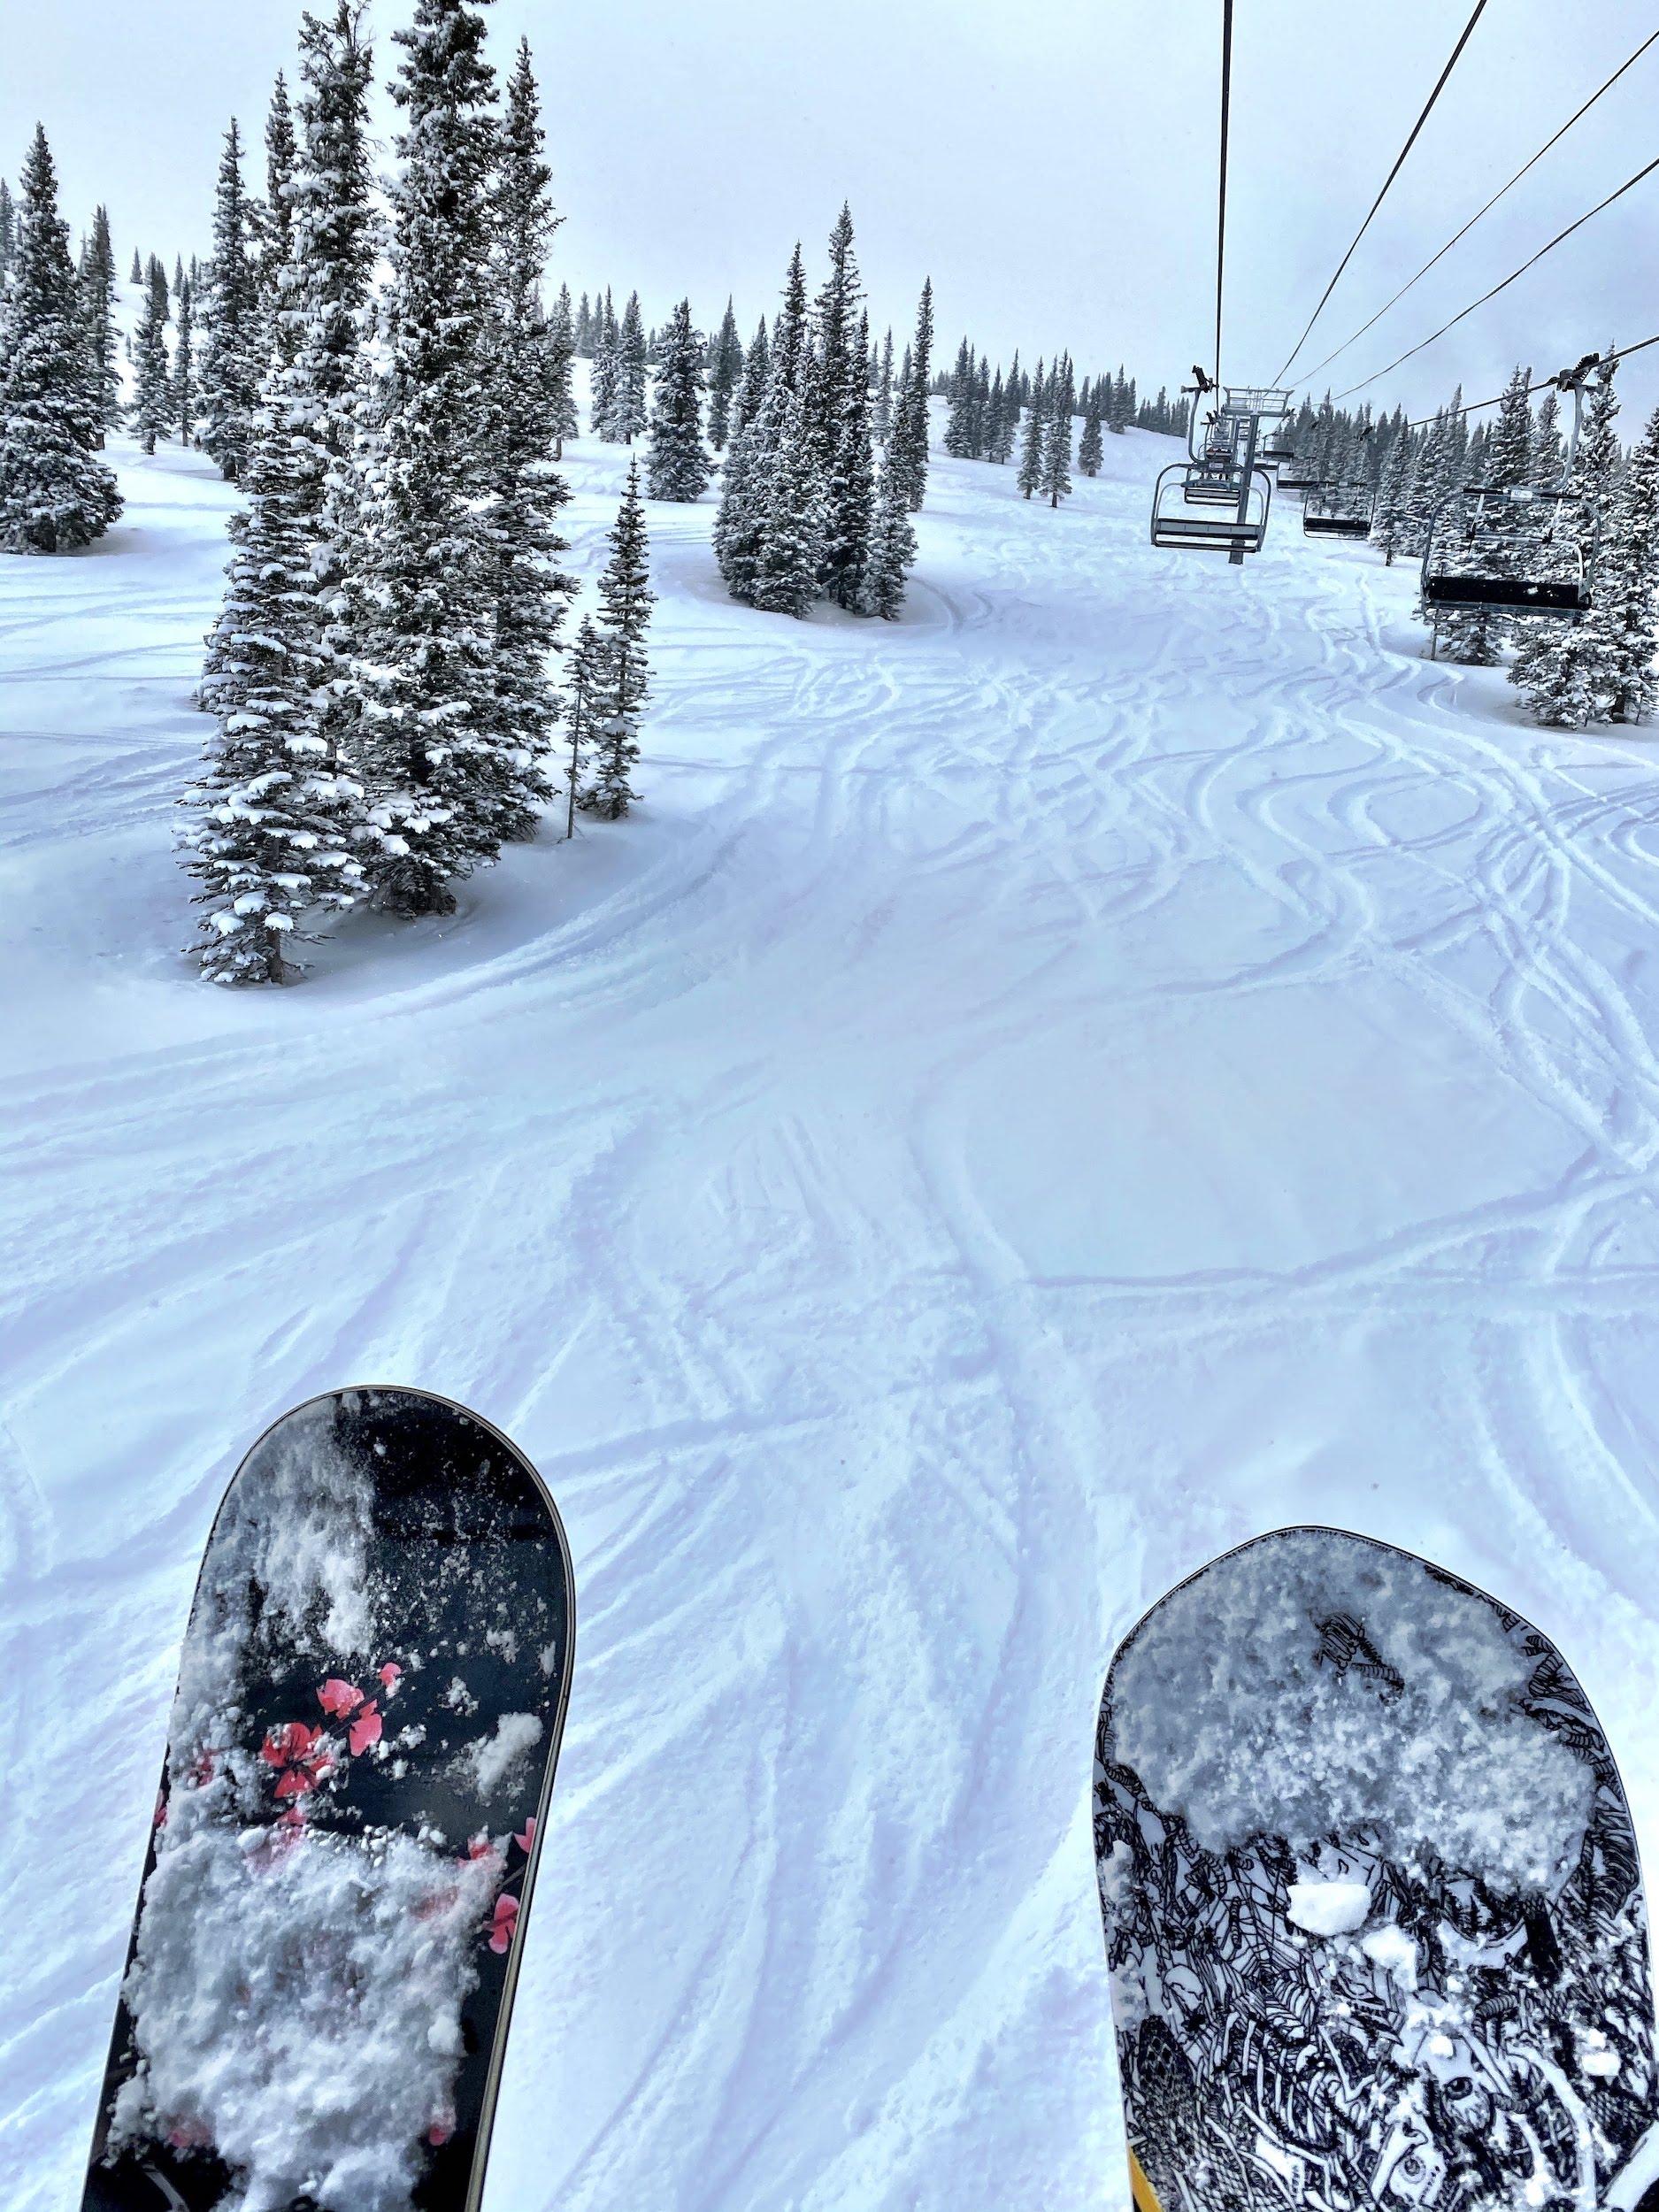 Snowboarding at Aspen Snowmass